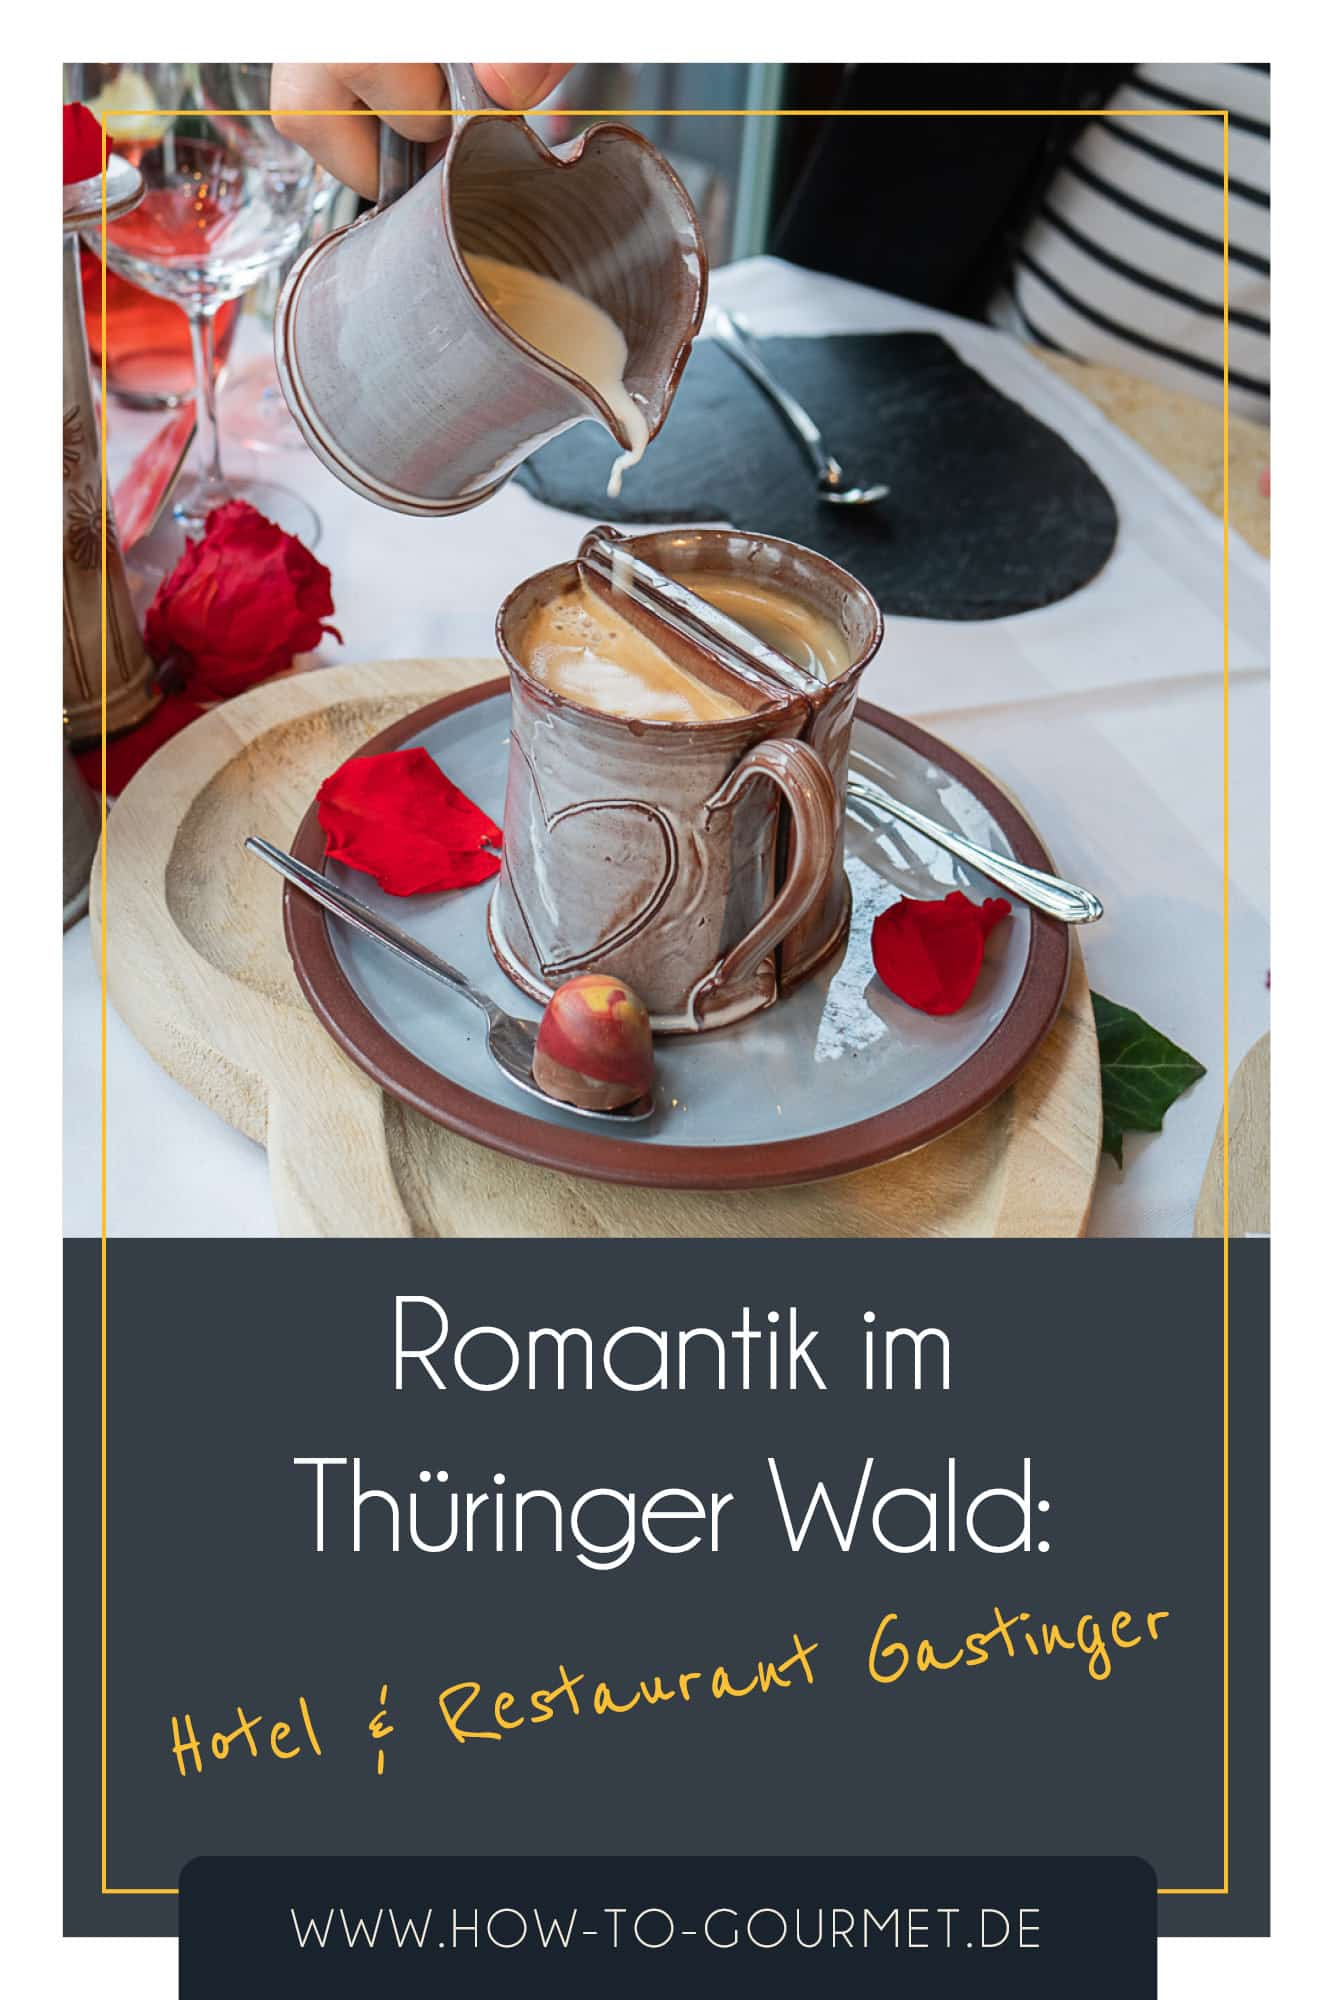 restaurant gastinger im thueringer wald